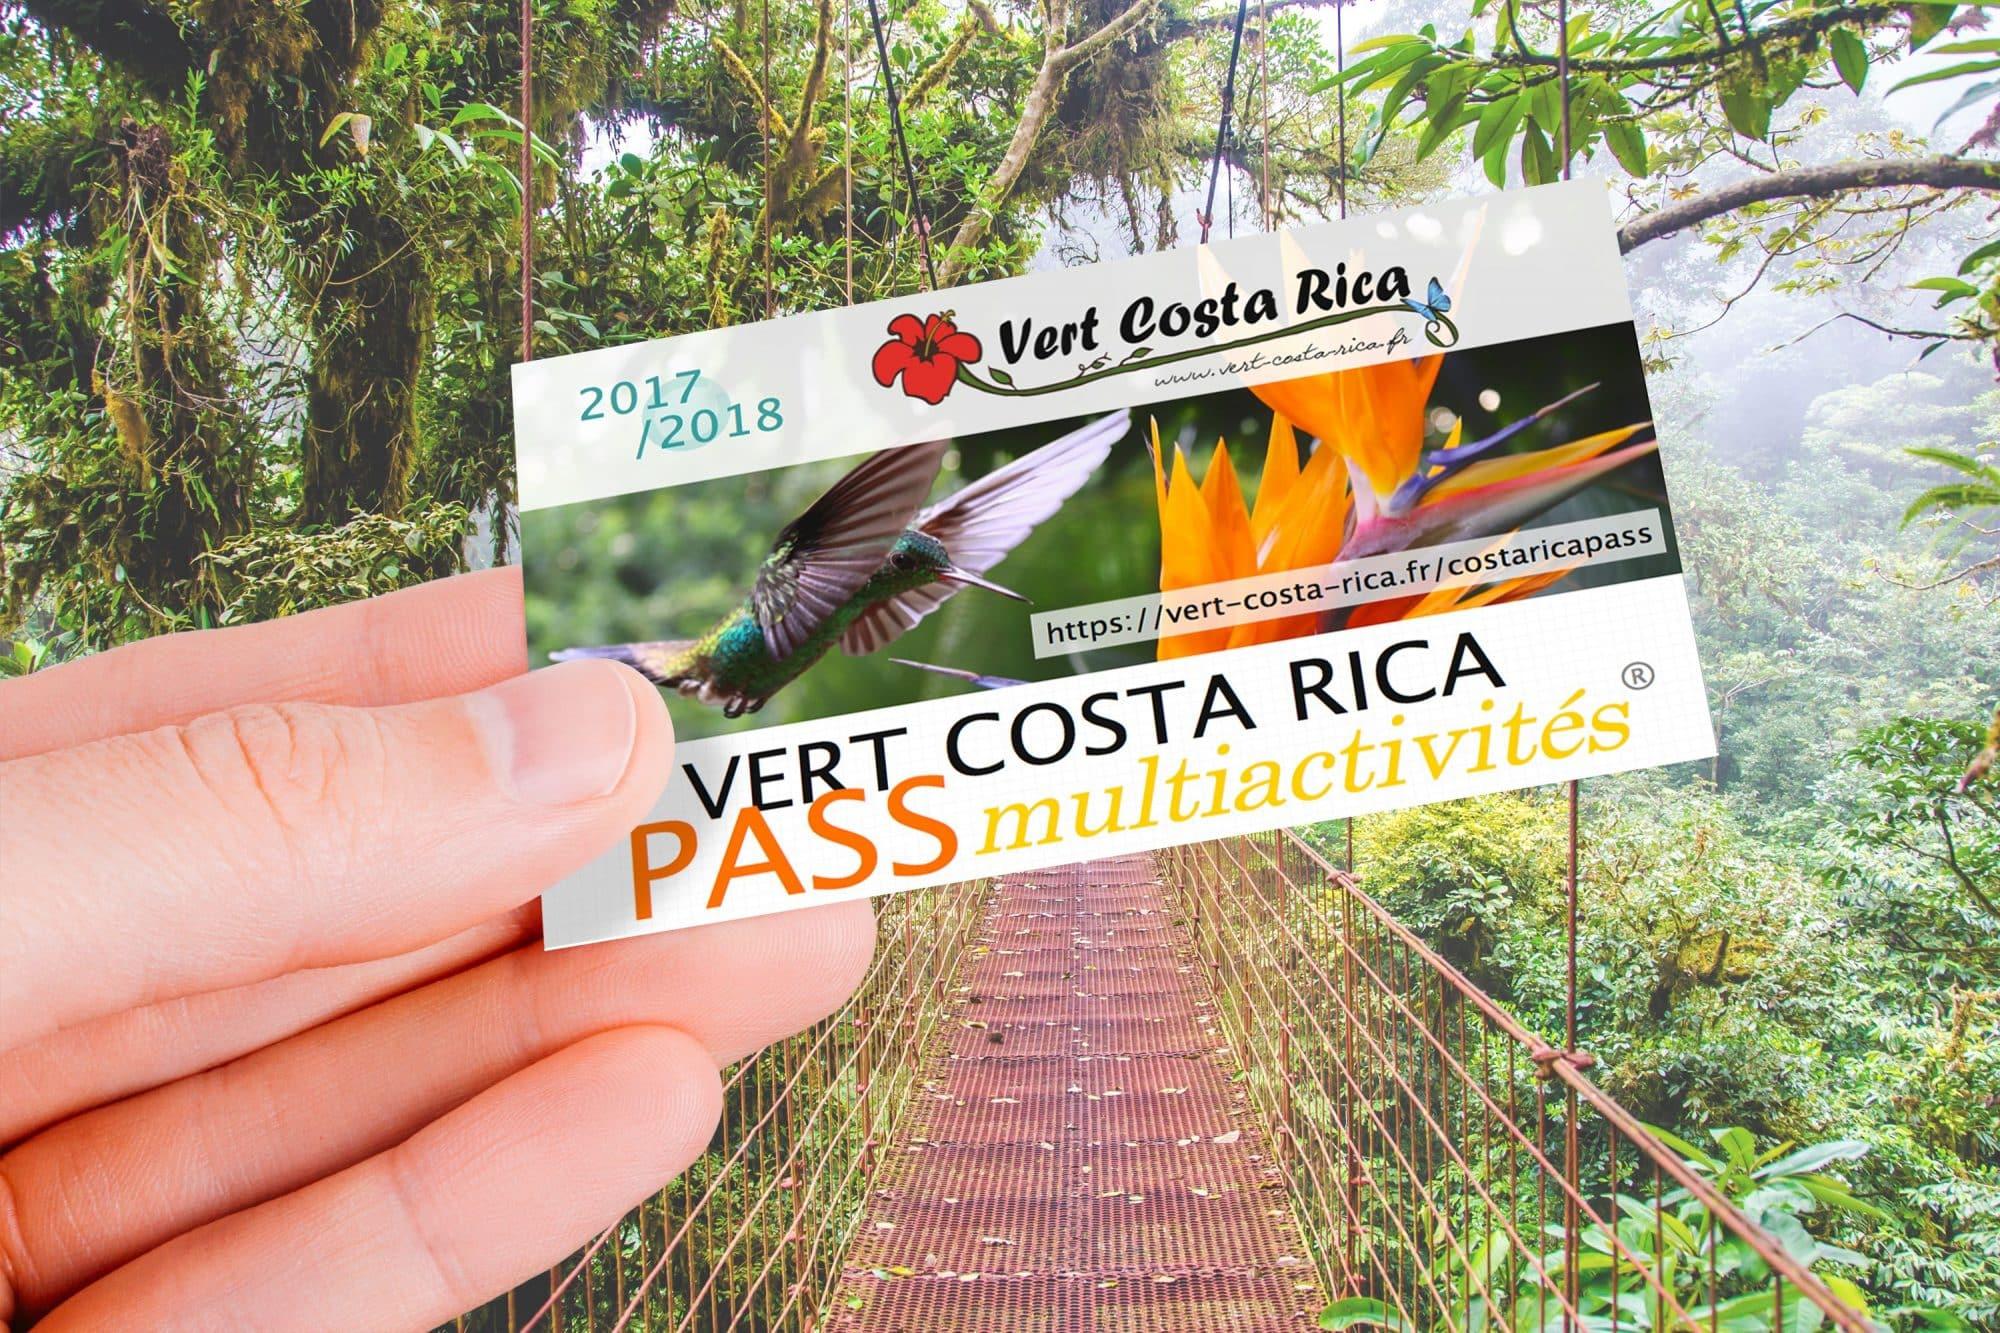 carte Vert-Costa-Rica PASS Multiactivités arrive !